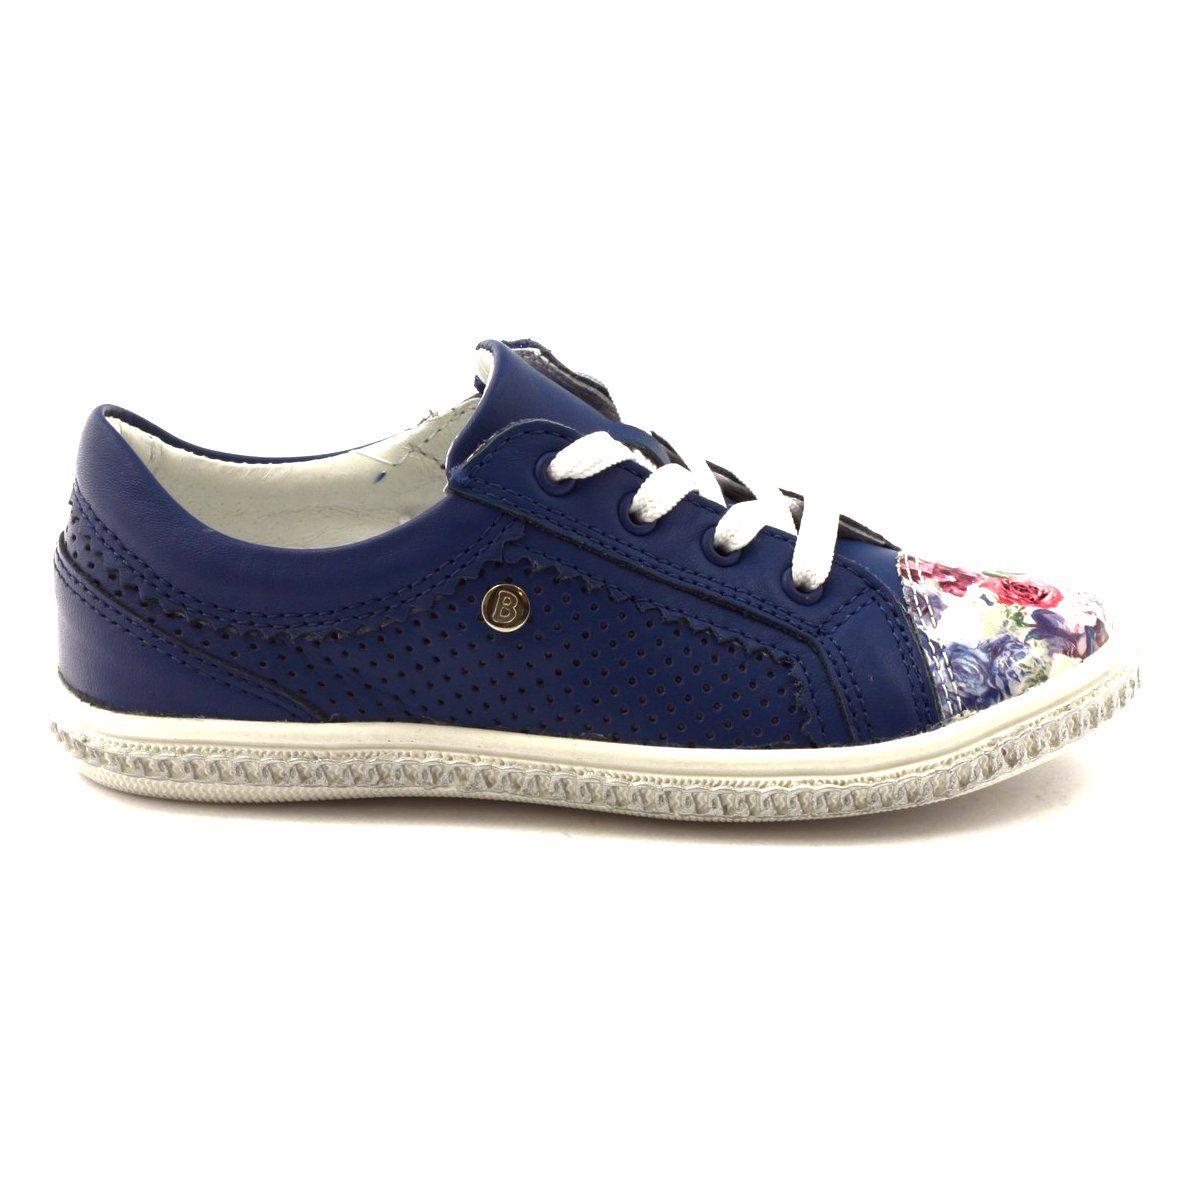 Granatowe Buty Dzieciece W Kwiatki Bartek 85524 Biale Niebieskie Wielokolorowe Childrens Shoes Kid Shoes Shoes